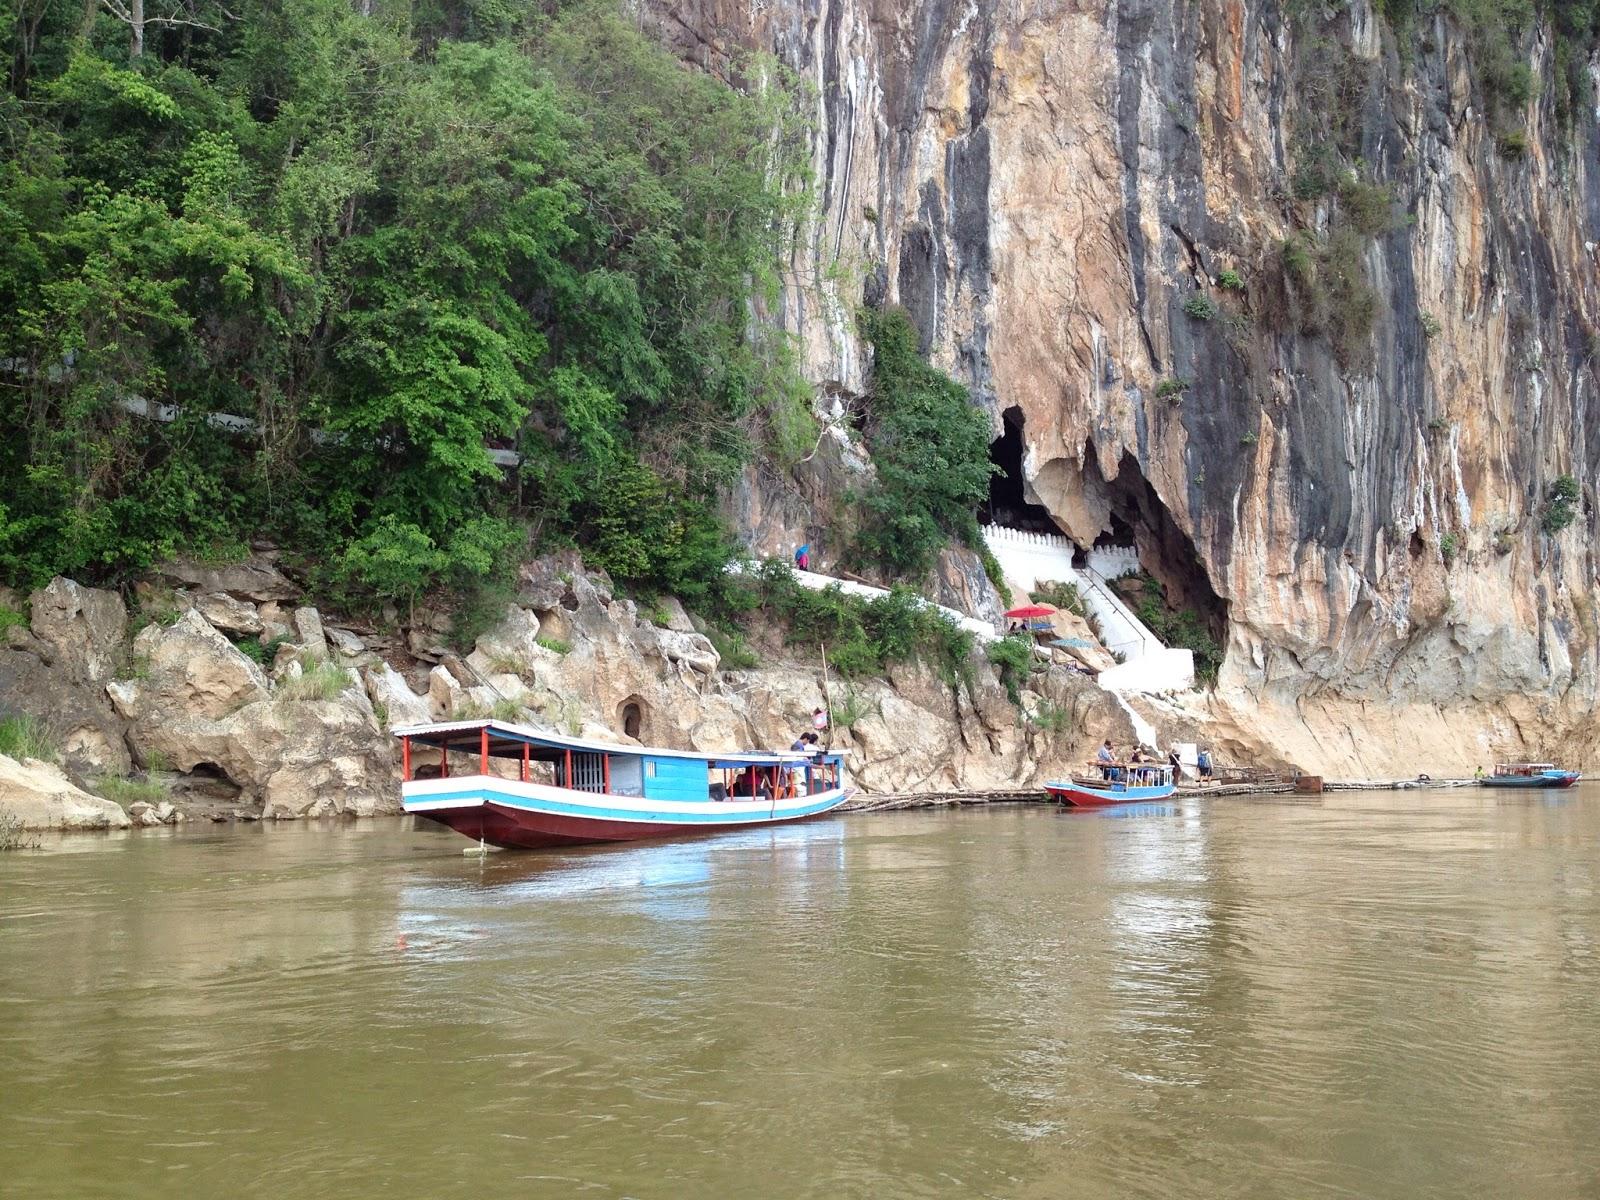 Luang Prabang - Approaching Pak Ou